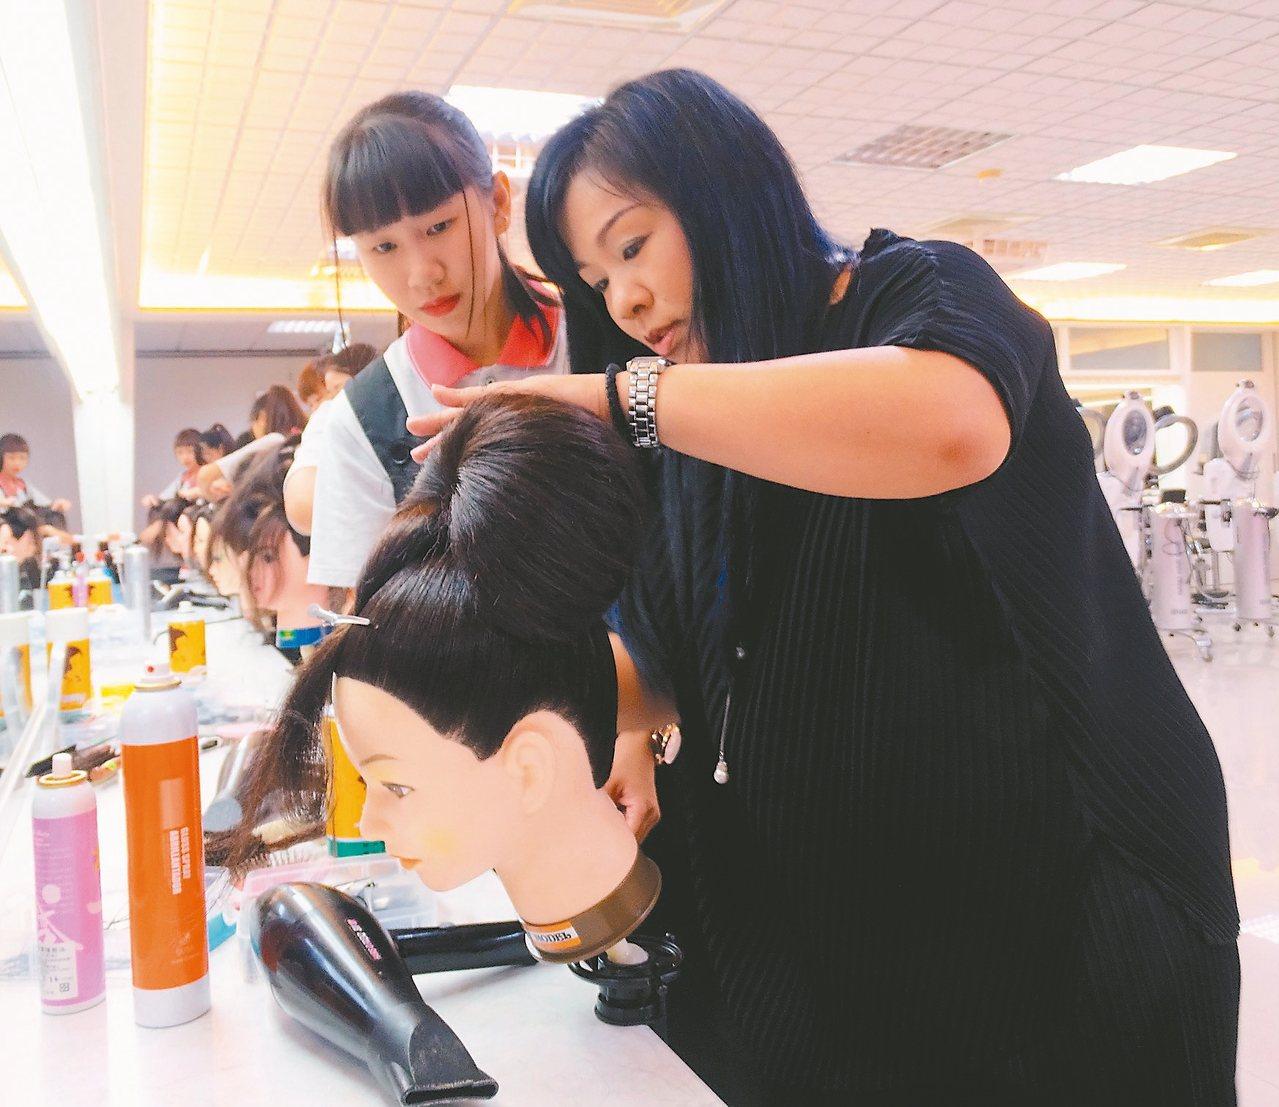 達德商工美容科老師藍雅惠(右)示範梳出完美的包頭。 記者凌筠婷/攝影